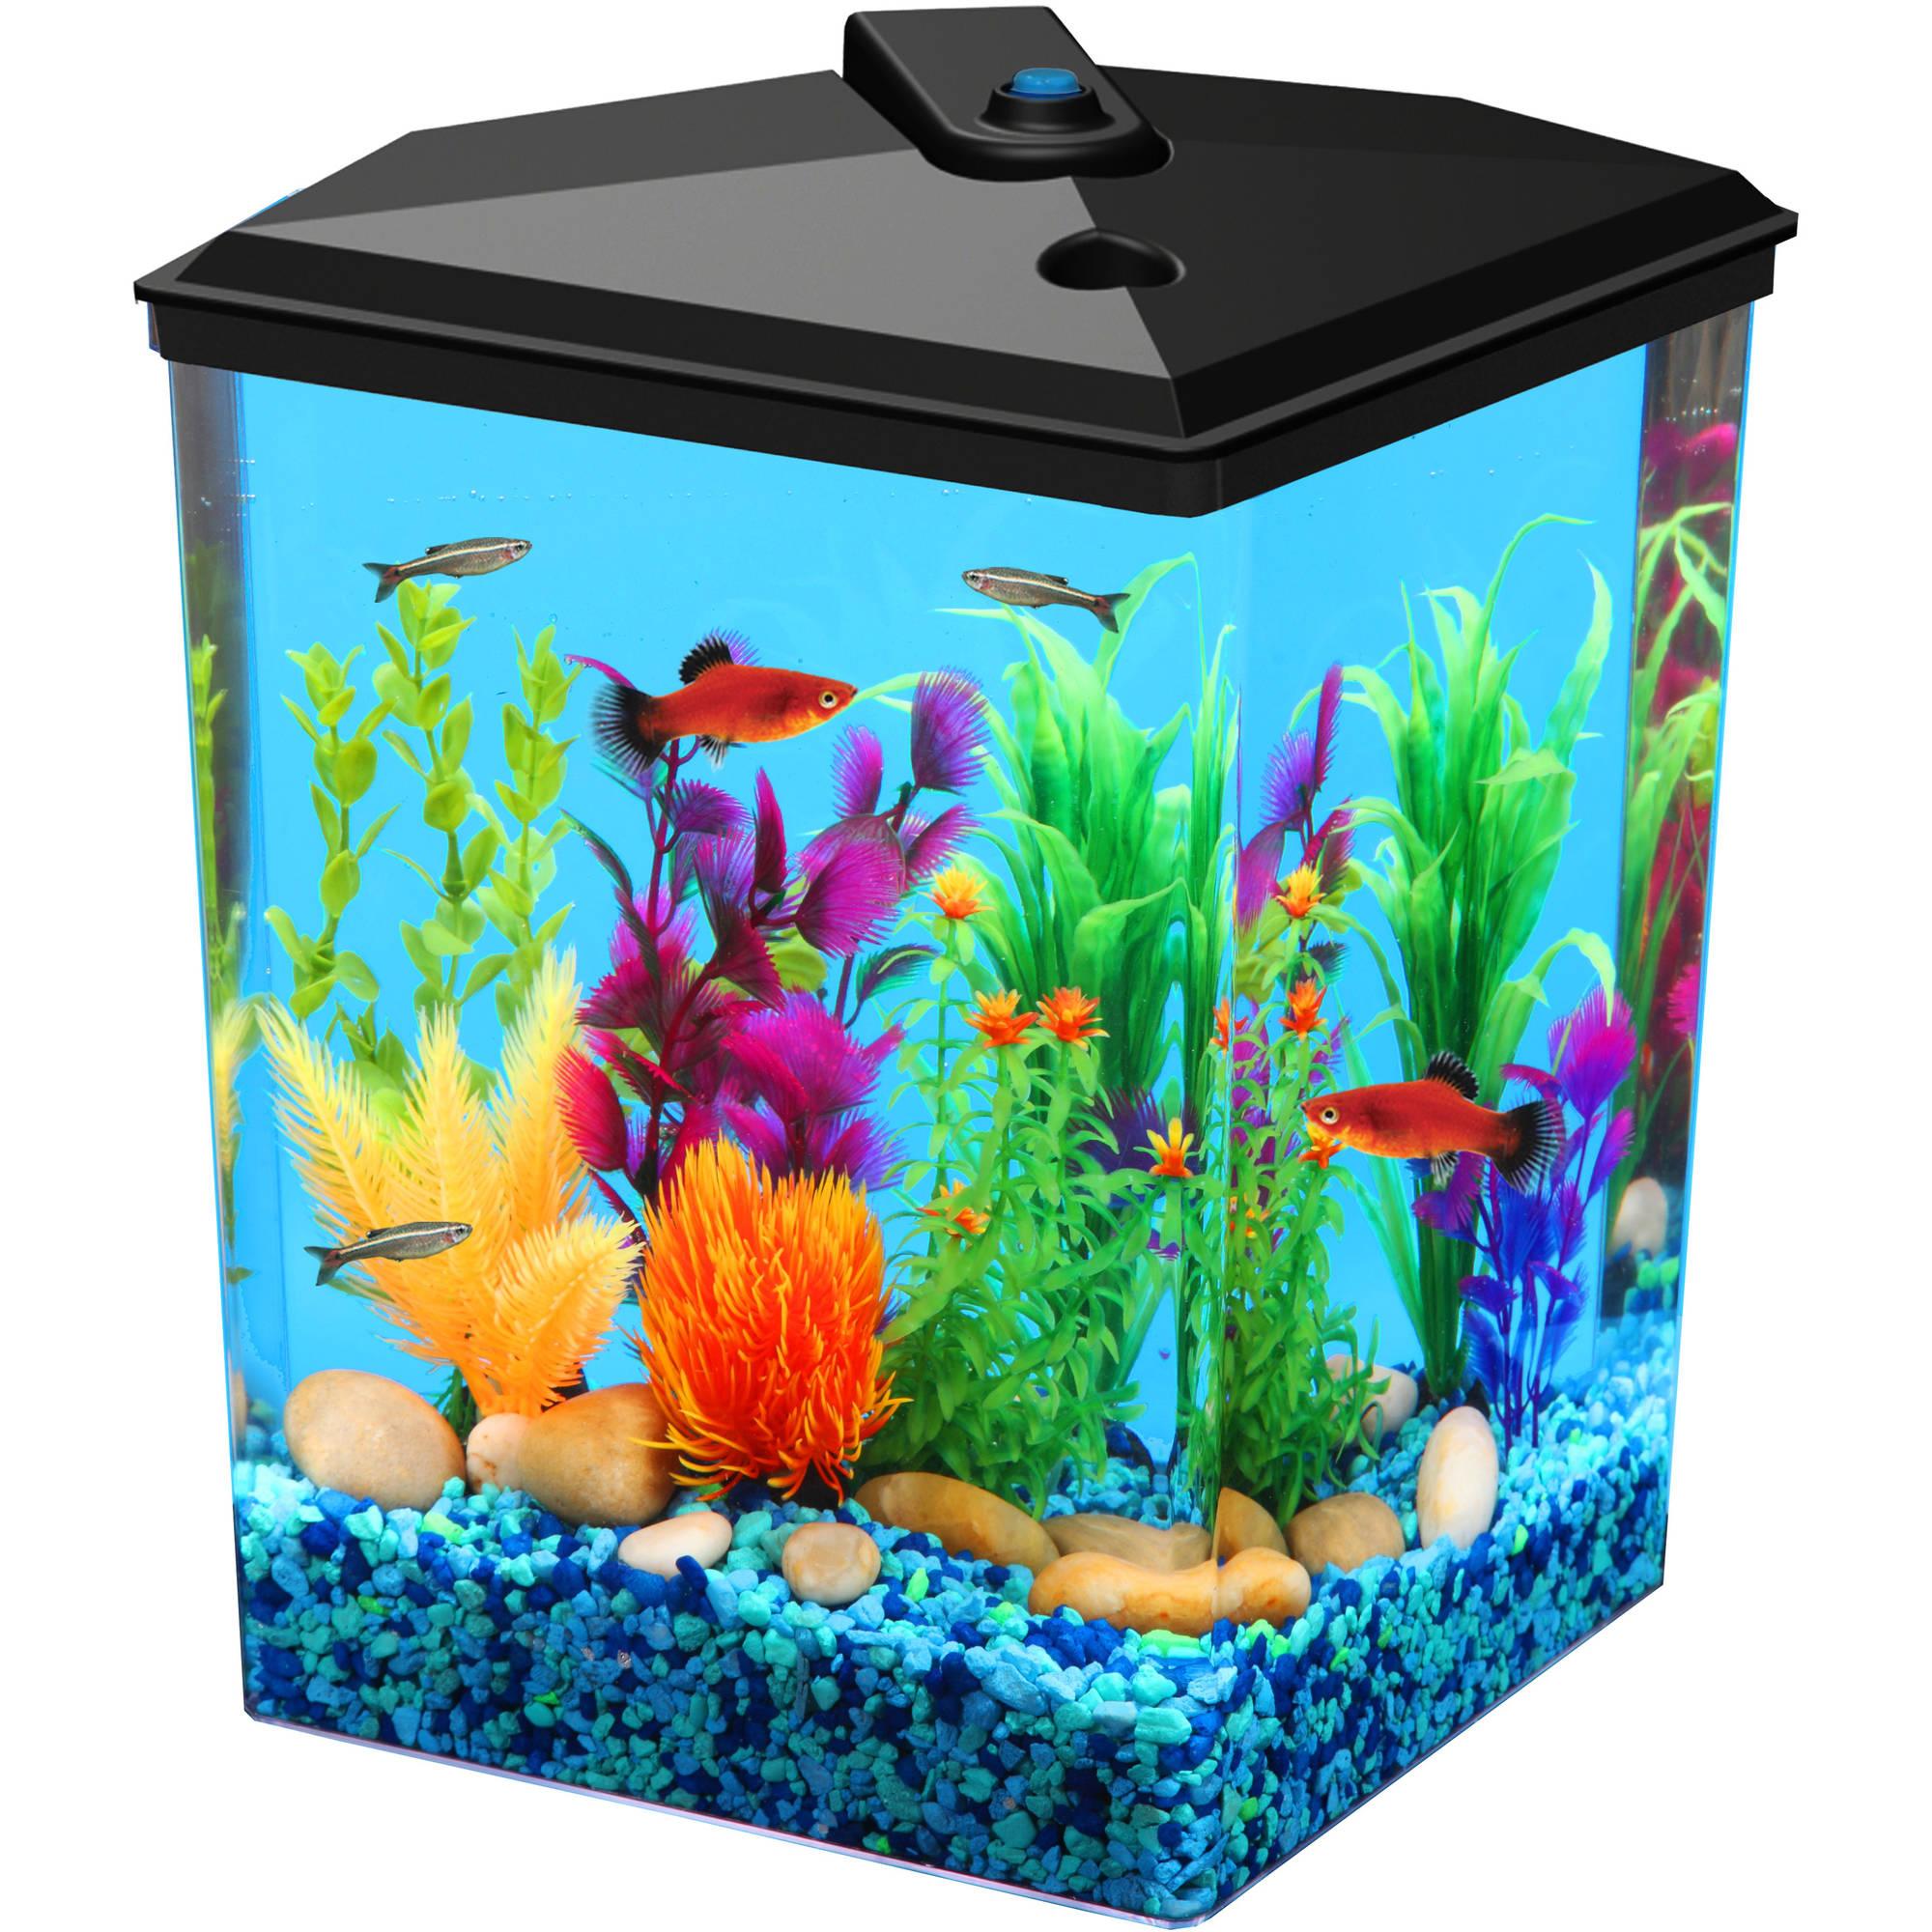 Aquaculture 2 5 Gal Corner Aquarium Kit Walmart Com